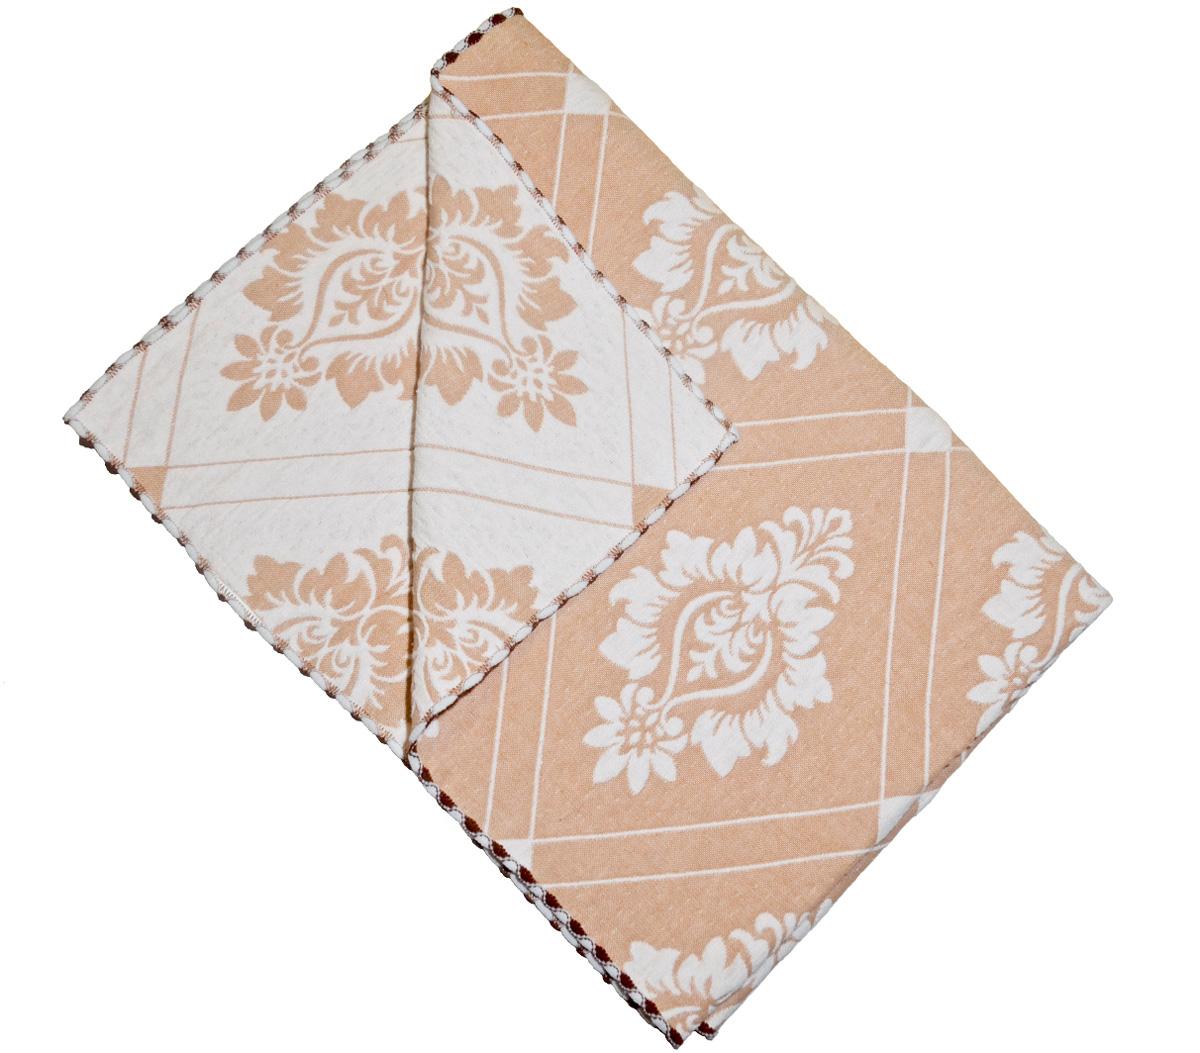 Набор кухонных полотенец Kamalak Tekstil Дамаск, цвет: бежевый, 2 штКНП-004кНевероятно красивые тканые кухонные полотенца. Отлично впитывывают влагу, неприхотливы в стирке, не теряют своего внешнего вида. Они украсят вашу кухню и станут приятным подарком идля близких. Полотенца упакованы в стиьную коробочку.